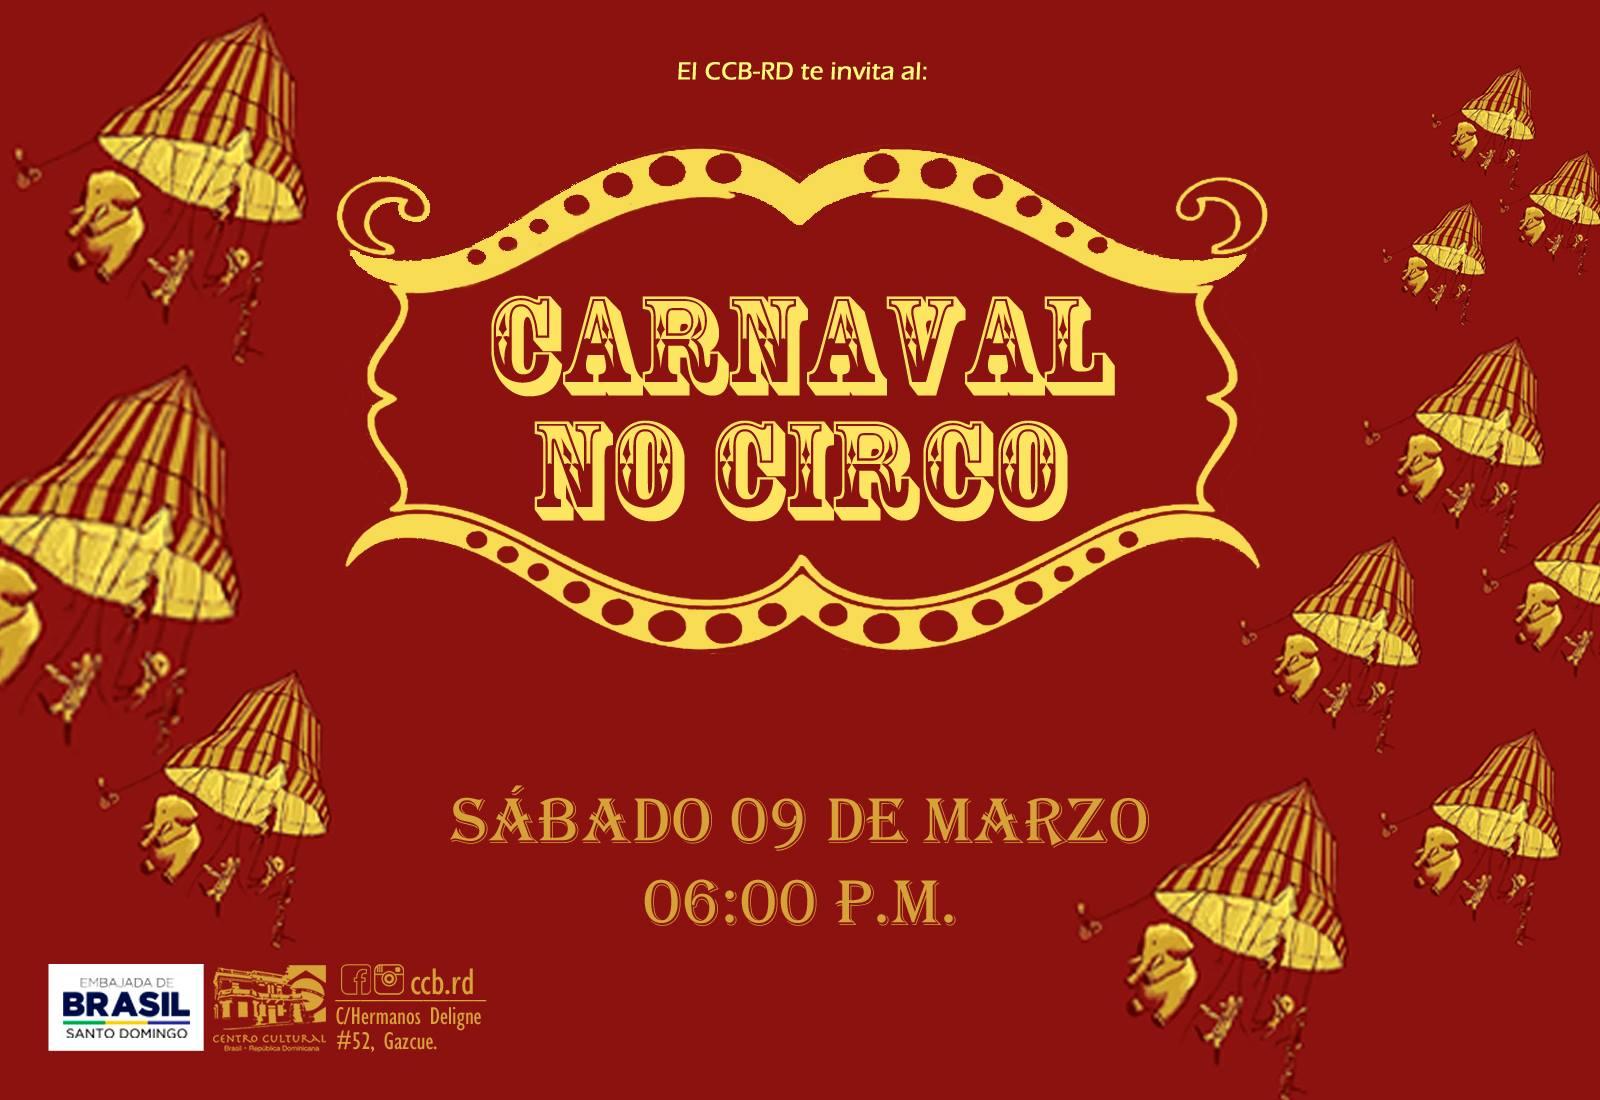 Carnaval De Brazil en Santo Domingo.  Música, baile y comida | Centro cultural de Brazil, Santo Domingo | Sábado 09 de marzo, 6:00 P.M.